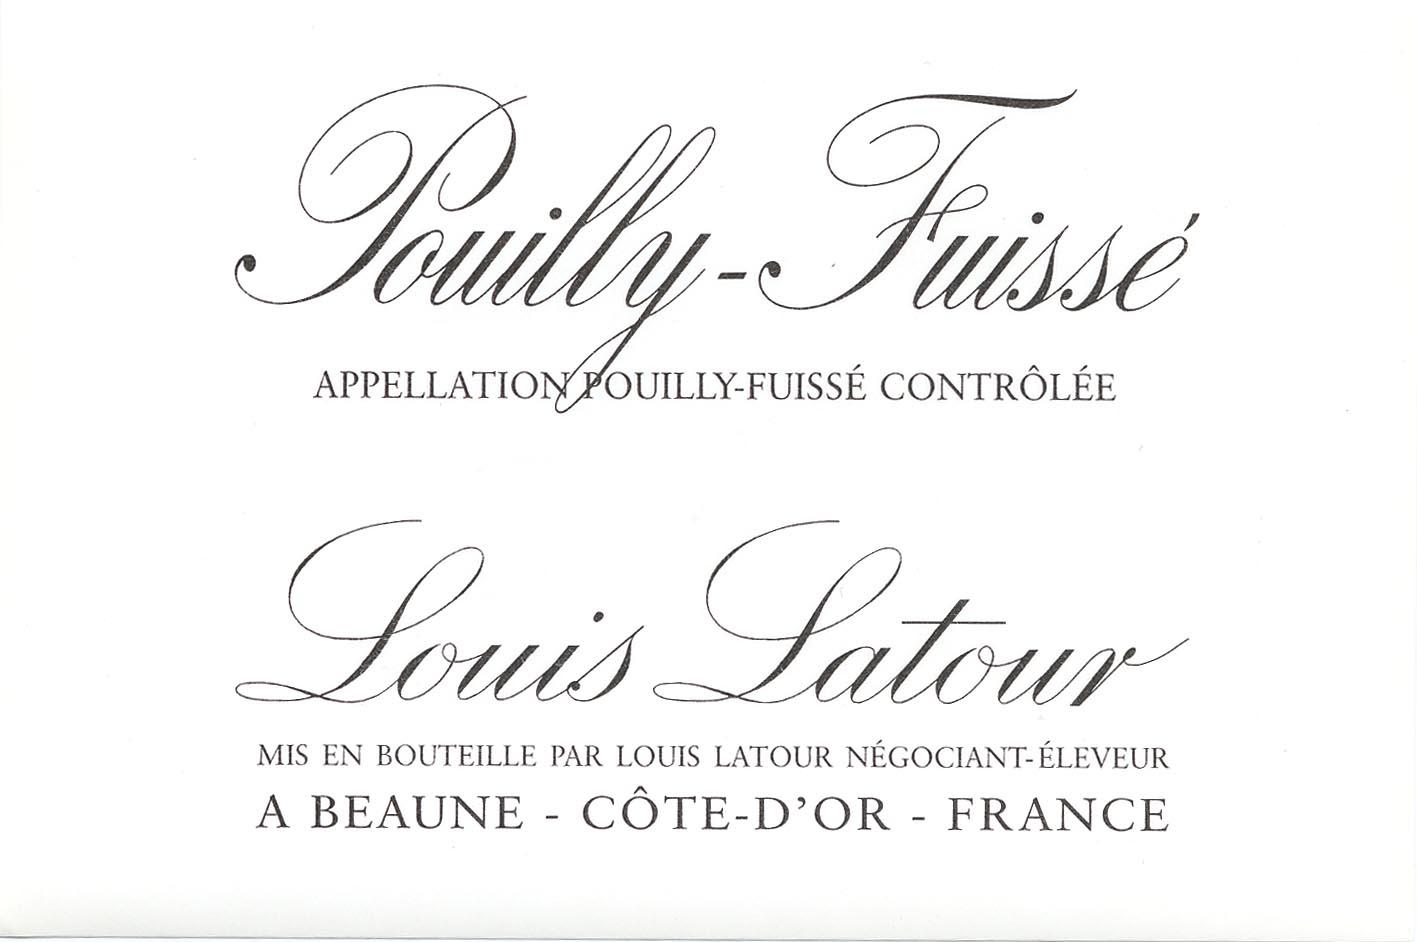 Louis Latour - Pouilly-Fuisse